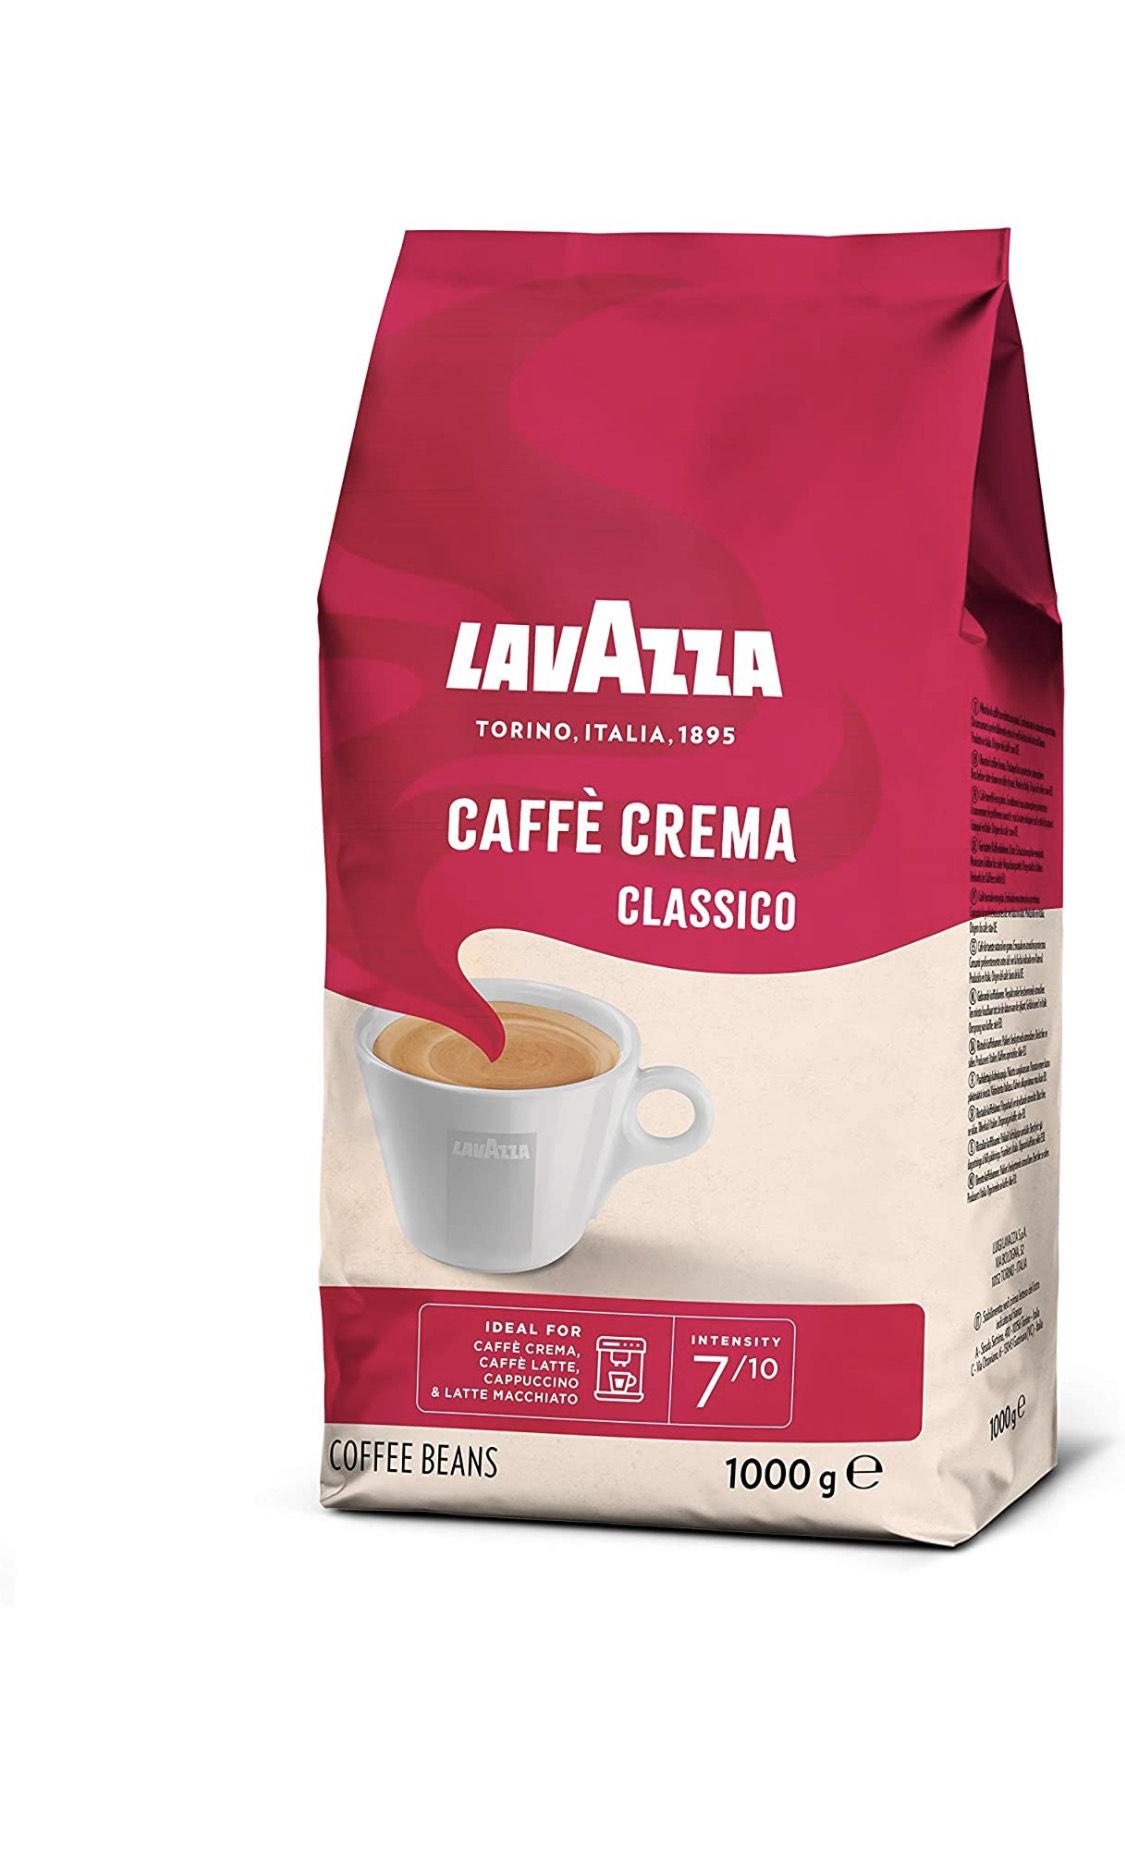 Lavazza Kaffeebohnen - Caffè Crema Classico (1kg) personalisiert für das 1. Abo